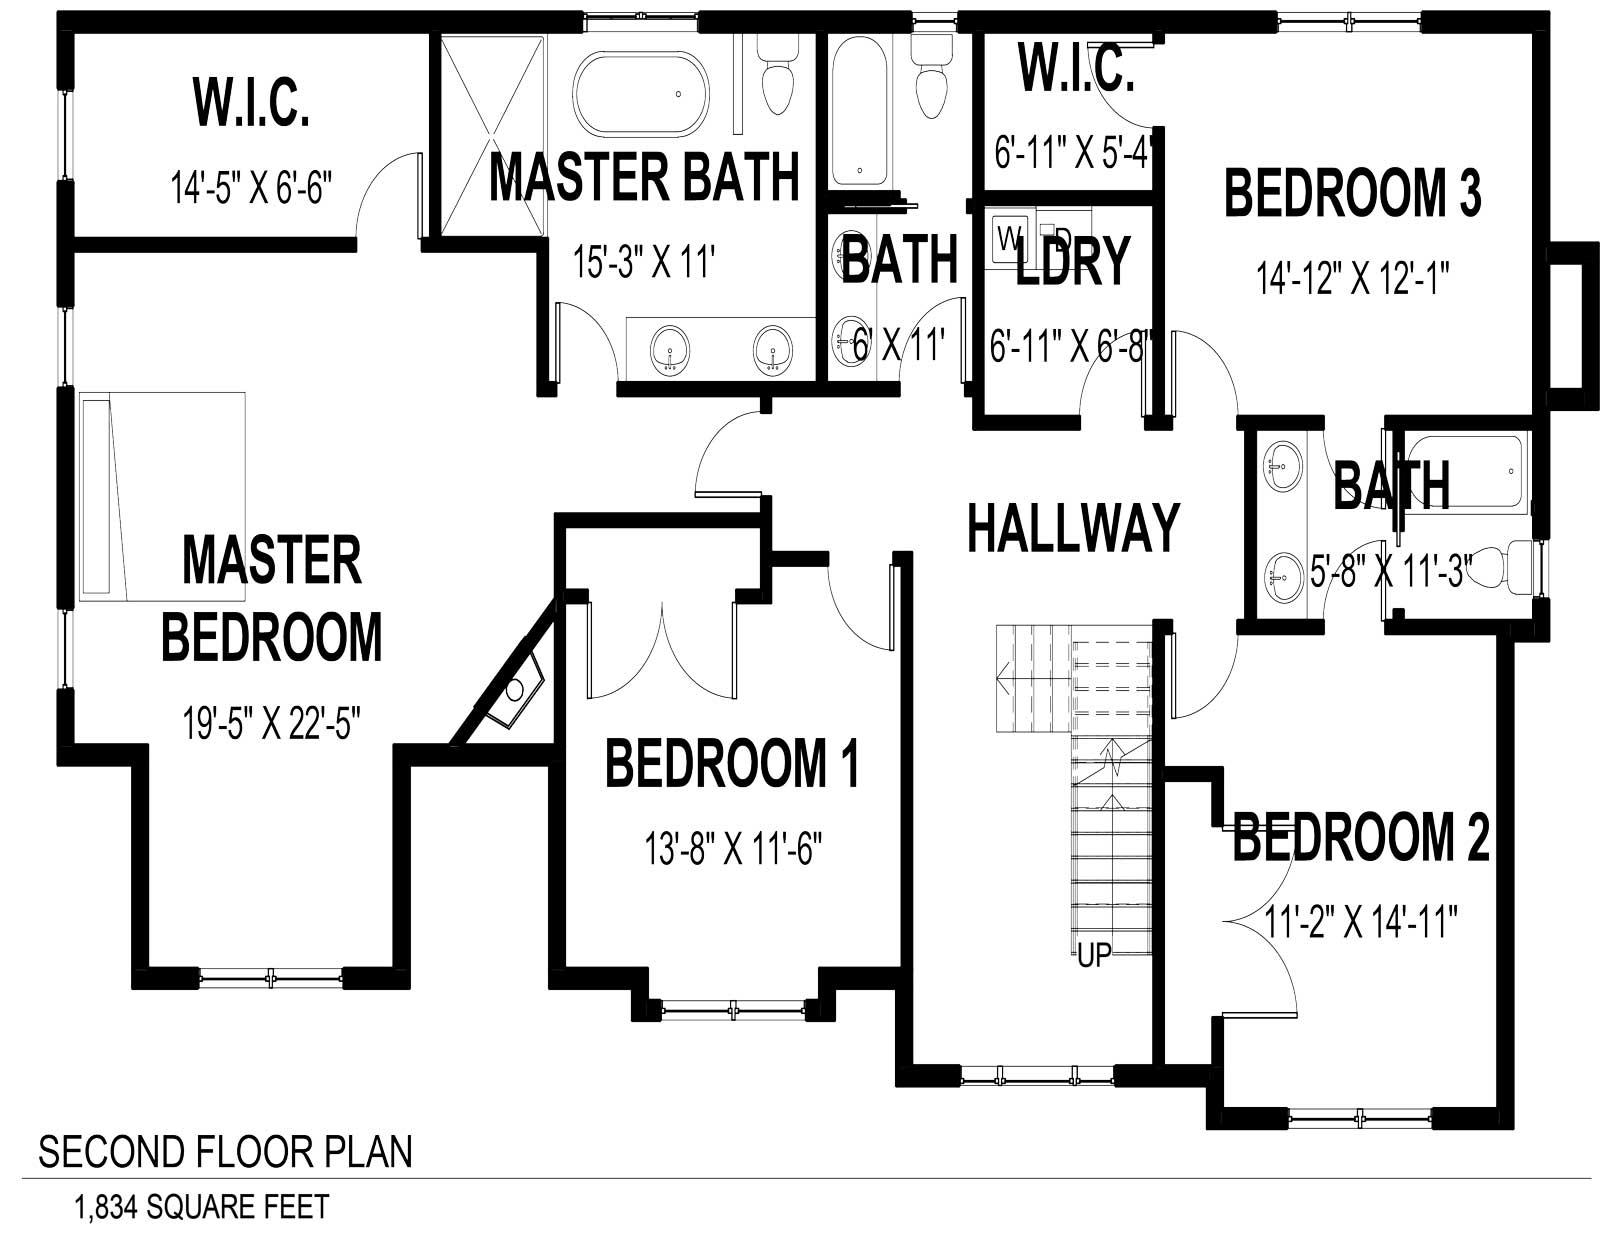 2nd-Floor-Plan-728-Tamaques-Way-Brochure